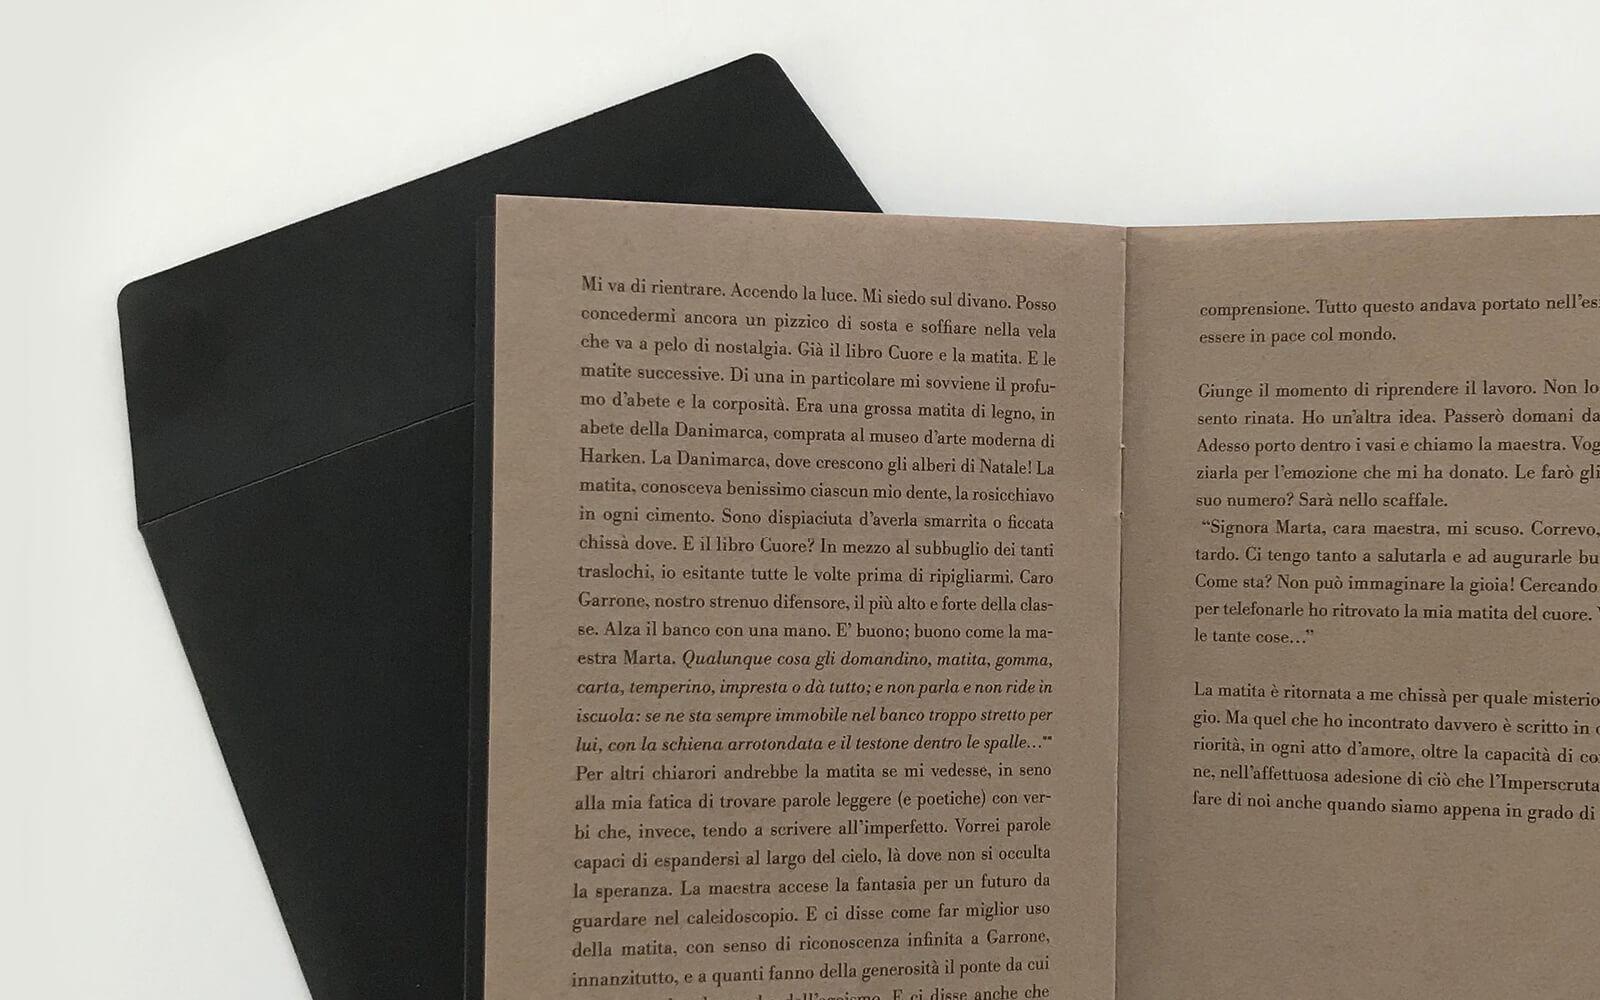 busta nera coordinata alla copertina e pagine interne brochure, creata da diadestudio arco trento